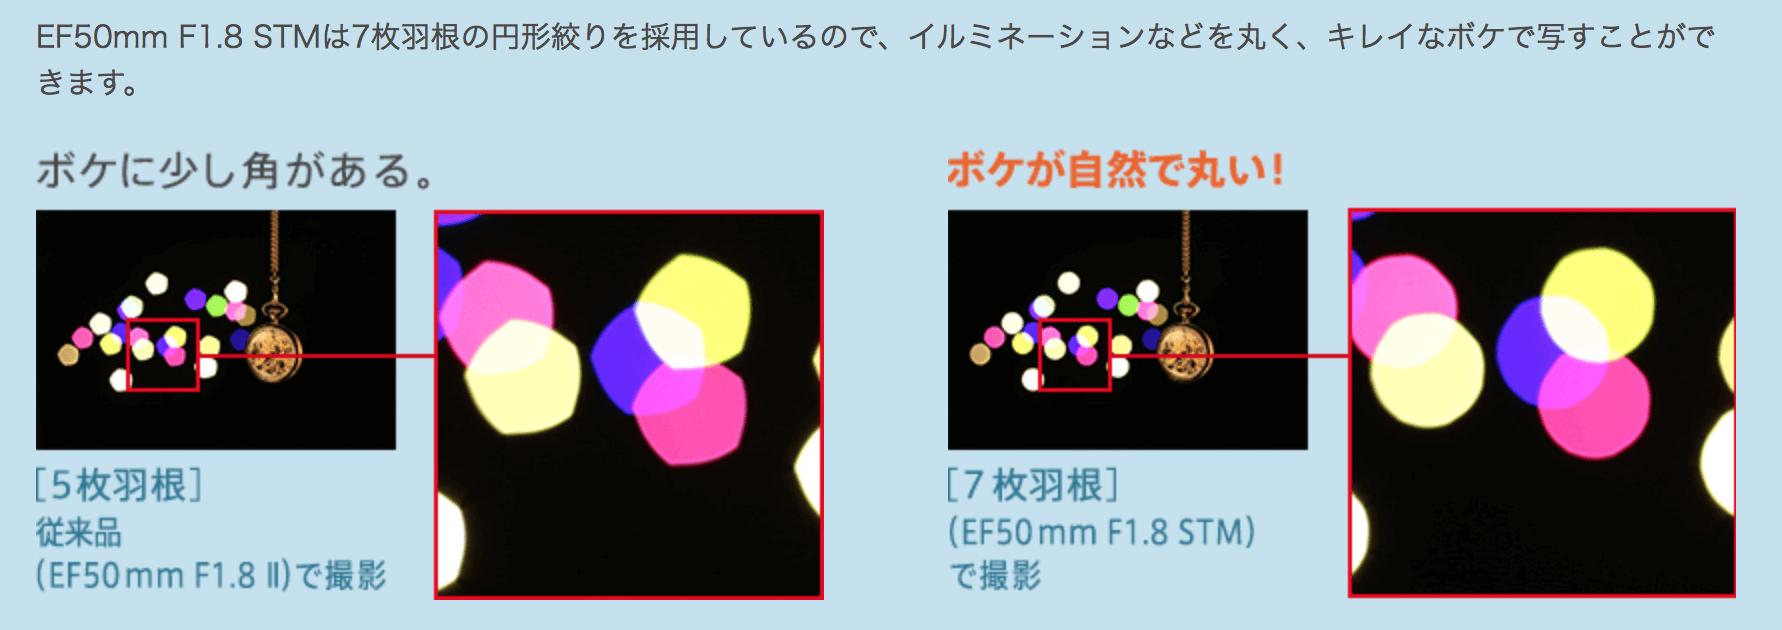 スクリーンショット 2015-05-11 23.37.04